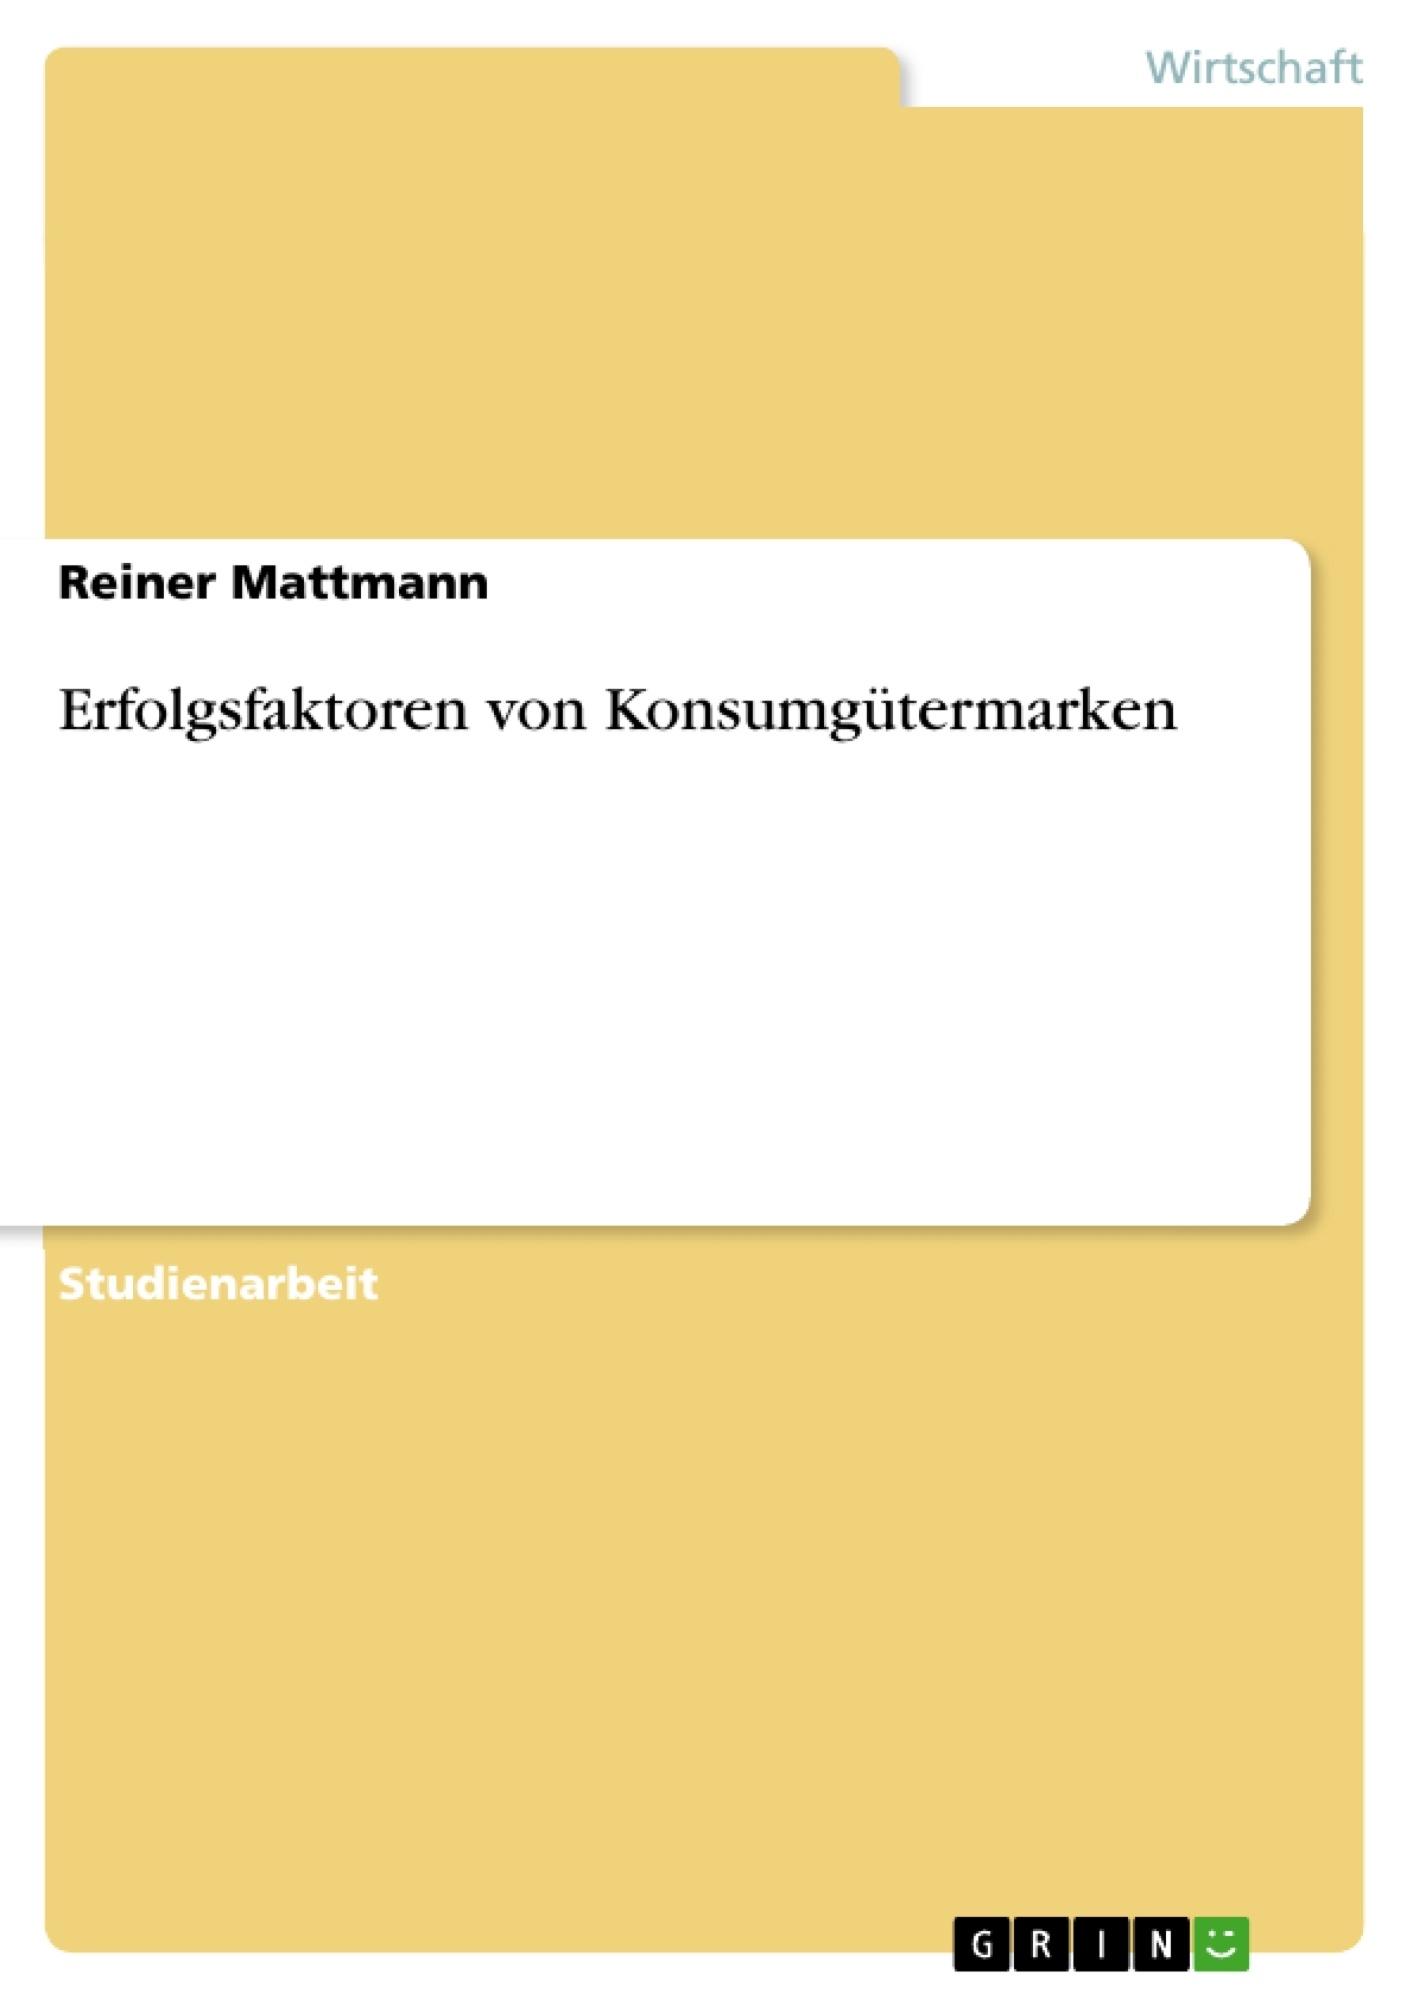 Titel: Erfolgsfaktoren von Konsumgütermarken